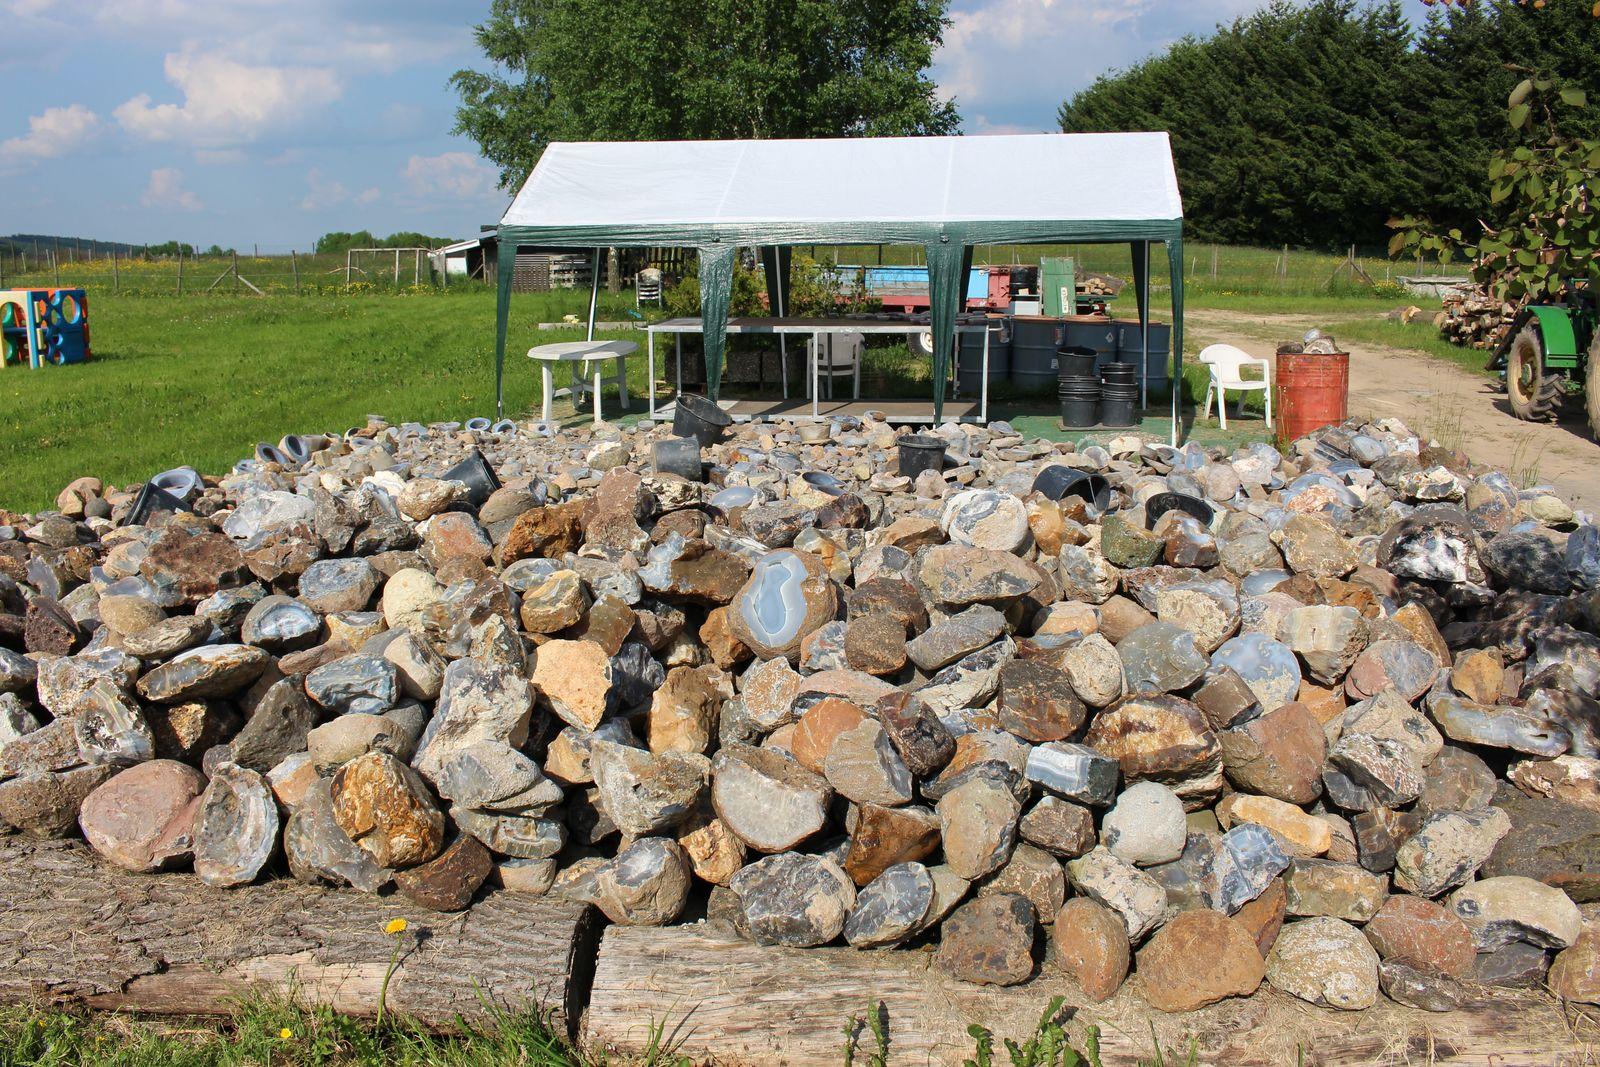 De agaten verkoopplaats te Bruchweiler